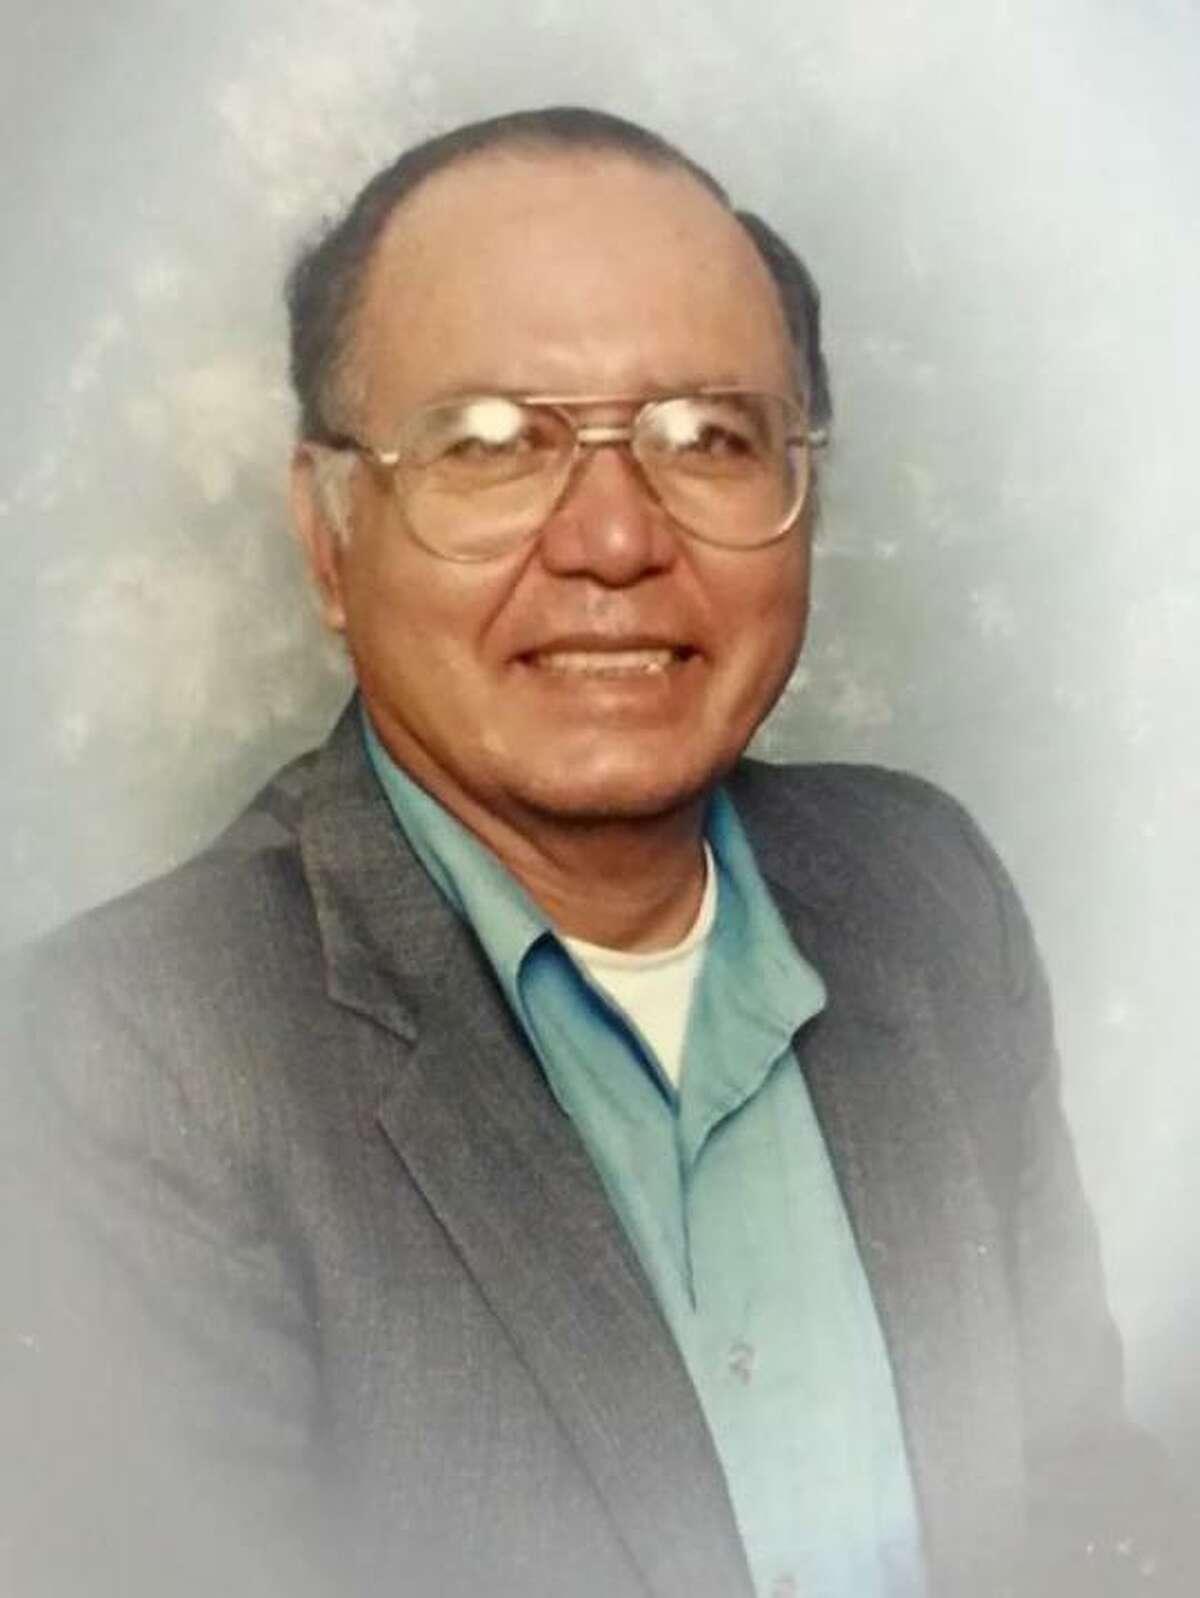 Arturo B. Campos